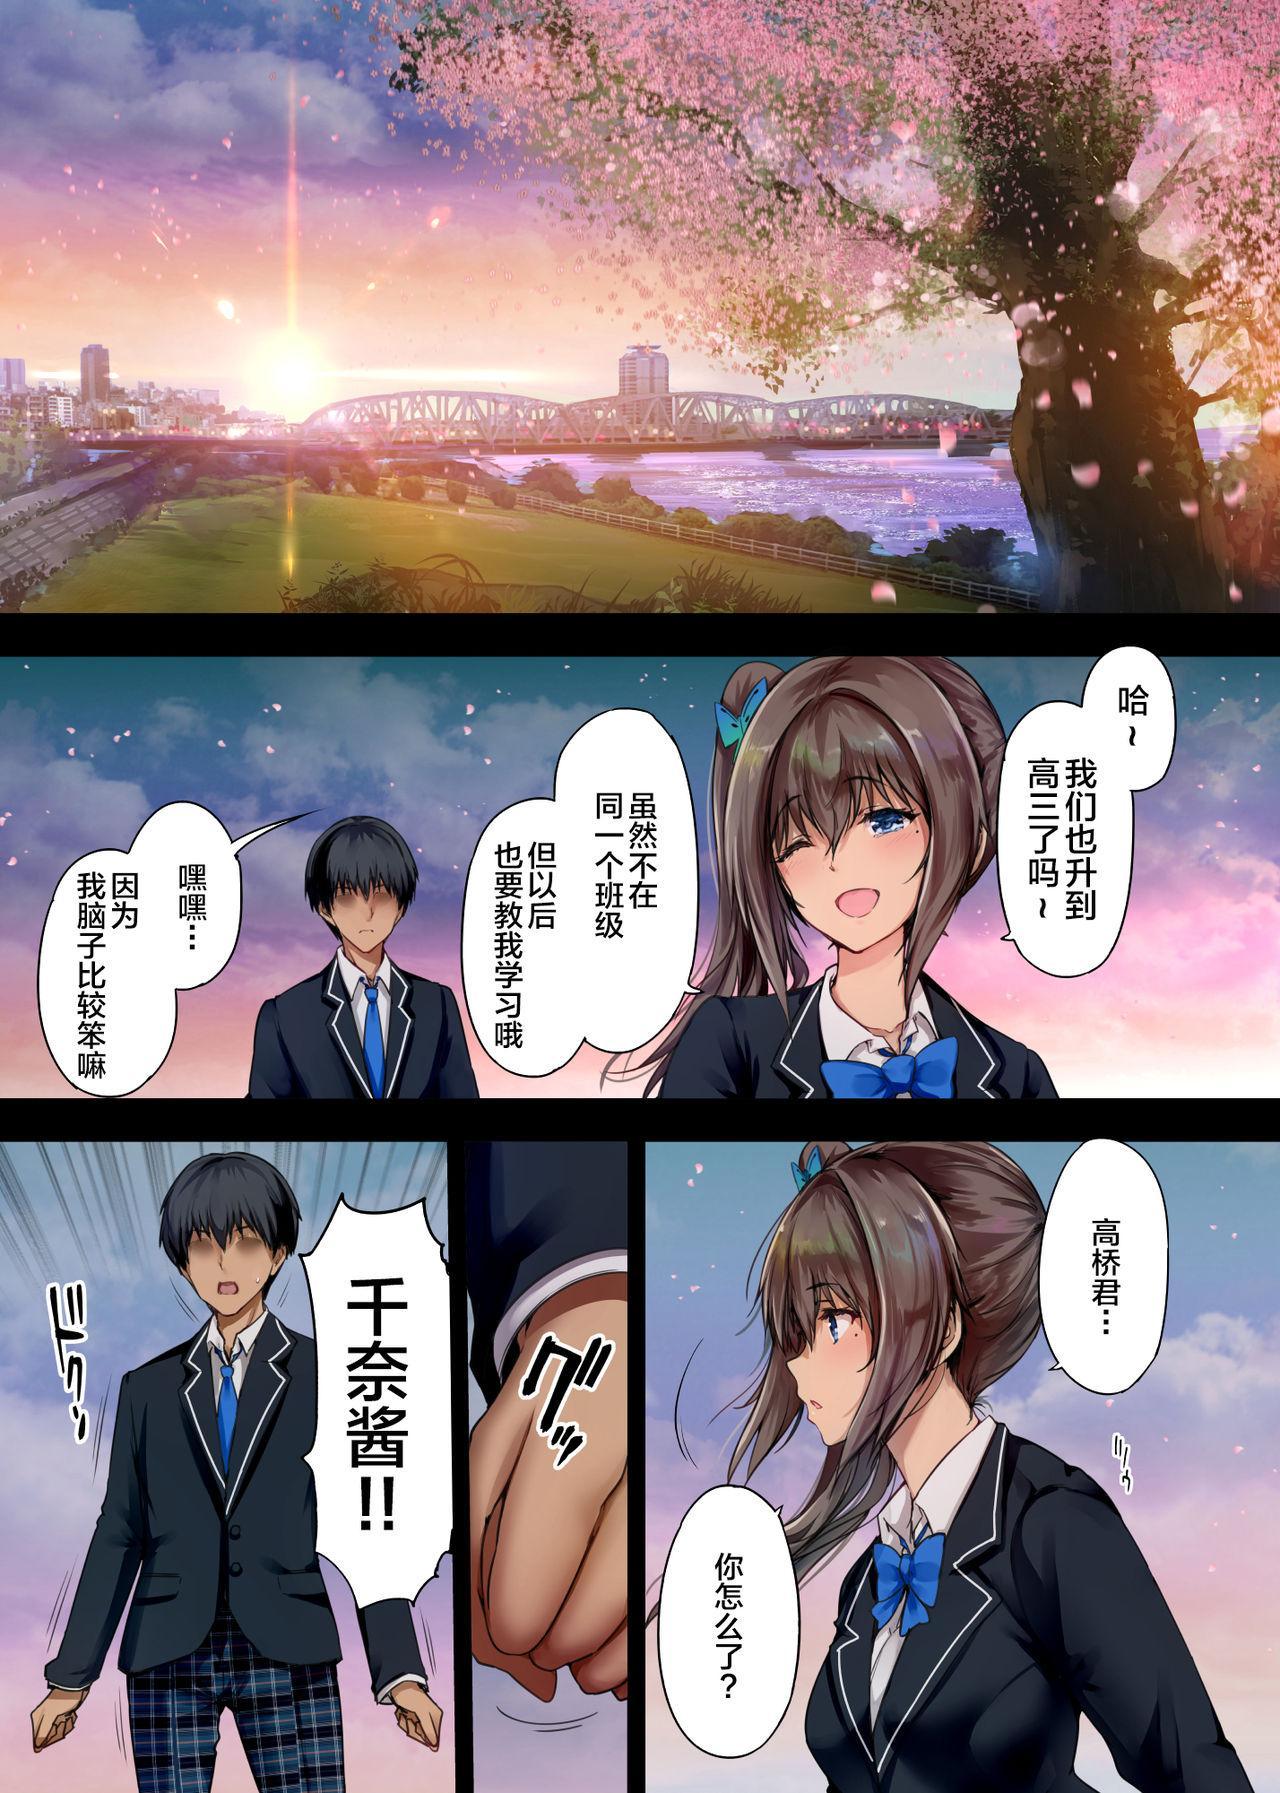 Houkago Dairizuma 2 Boku no Kanojo wa Chichioya ni Tanetsuke Sarete Iru 2